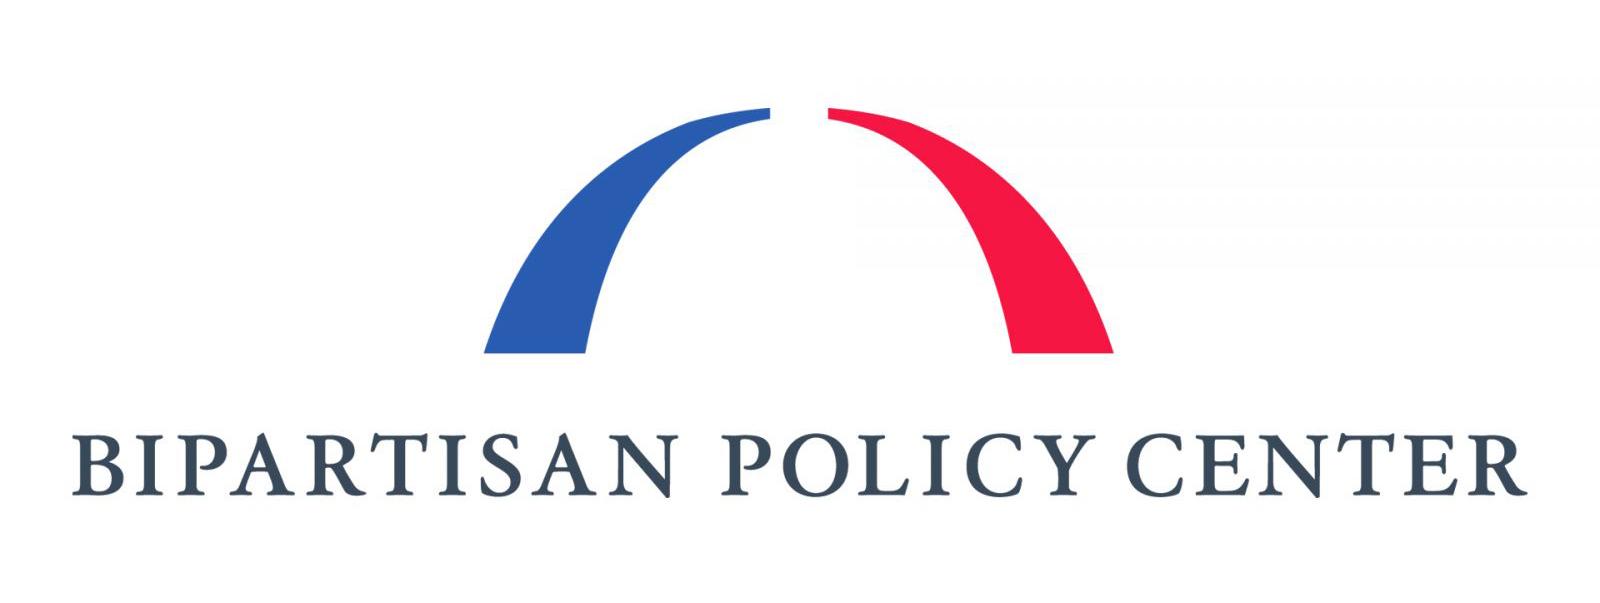 Bipartisan Policy Center - BPC